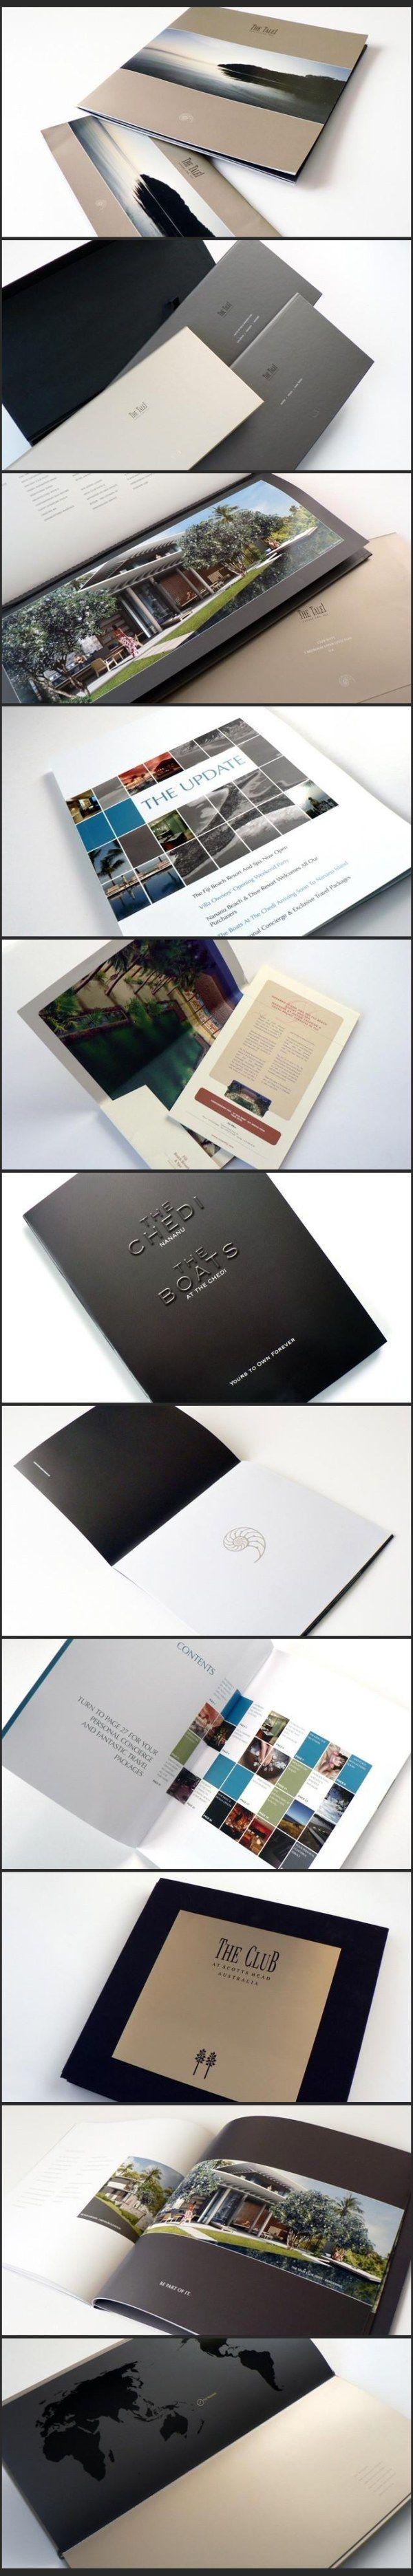 难得一见的国外房地产画册|画册设计|平面设计 - 设计佳作欣赏 - 站酷 (ZCOOL)